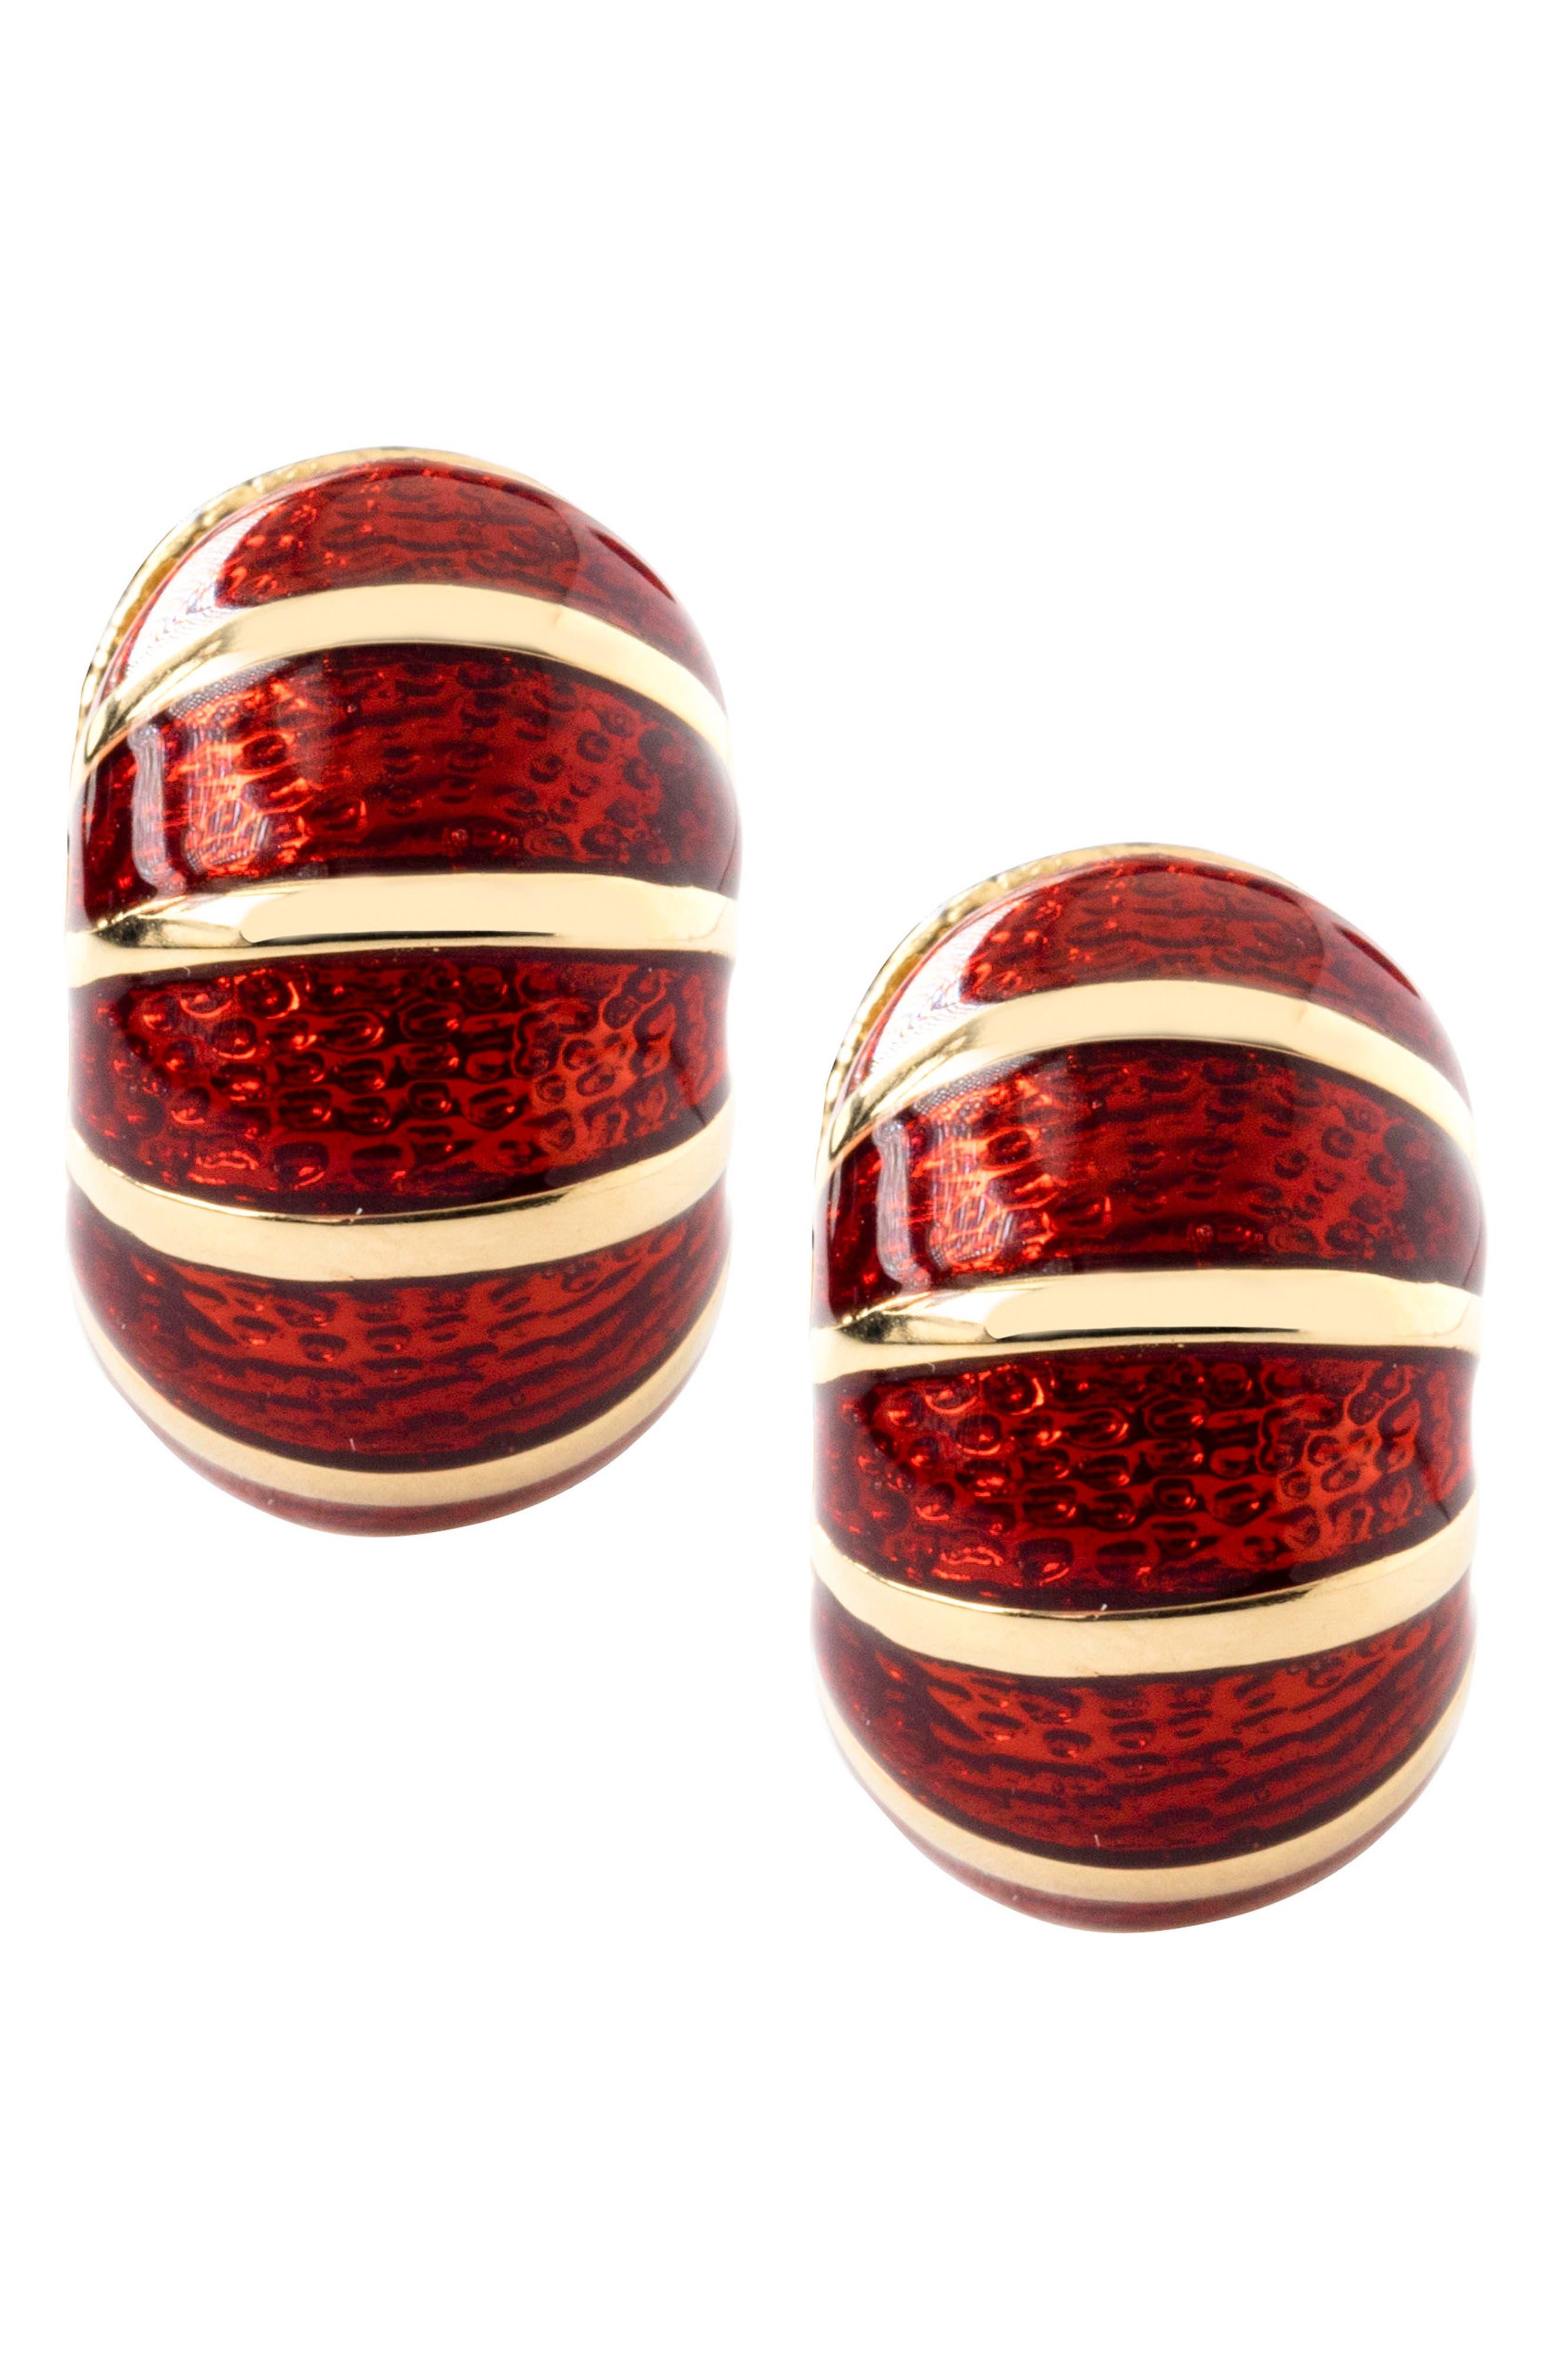 Black & Red Reversible Earrings,                             Alternate thumbnail 3, color,                             GARNET/ BLACK